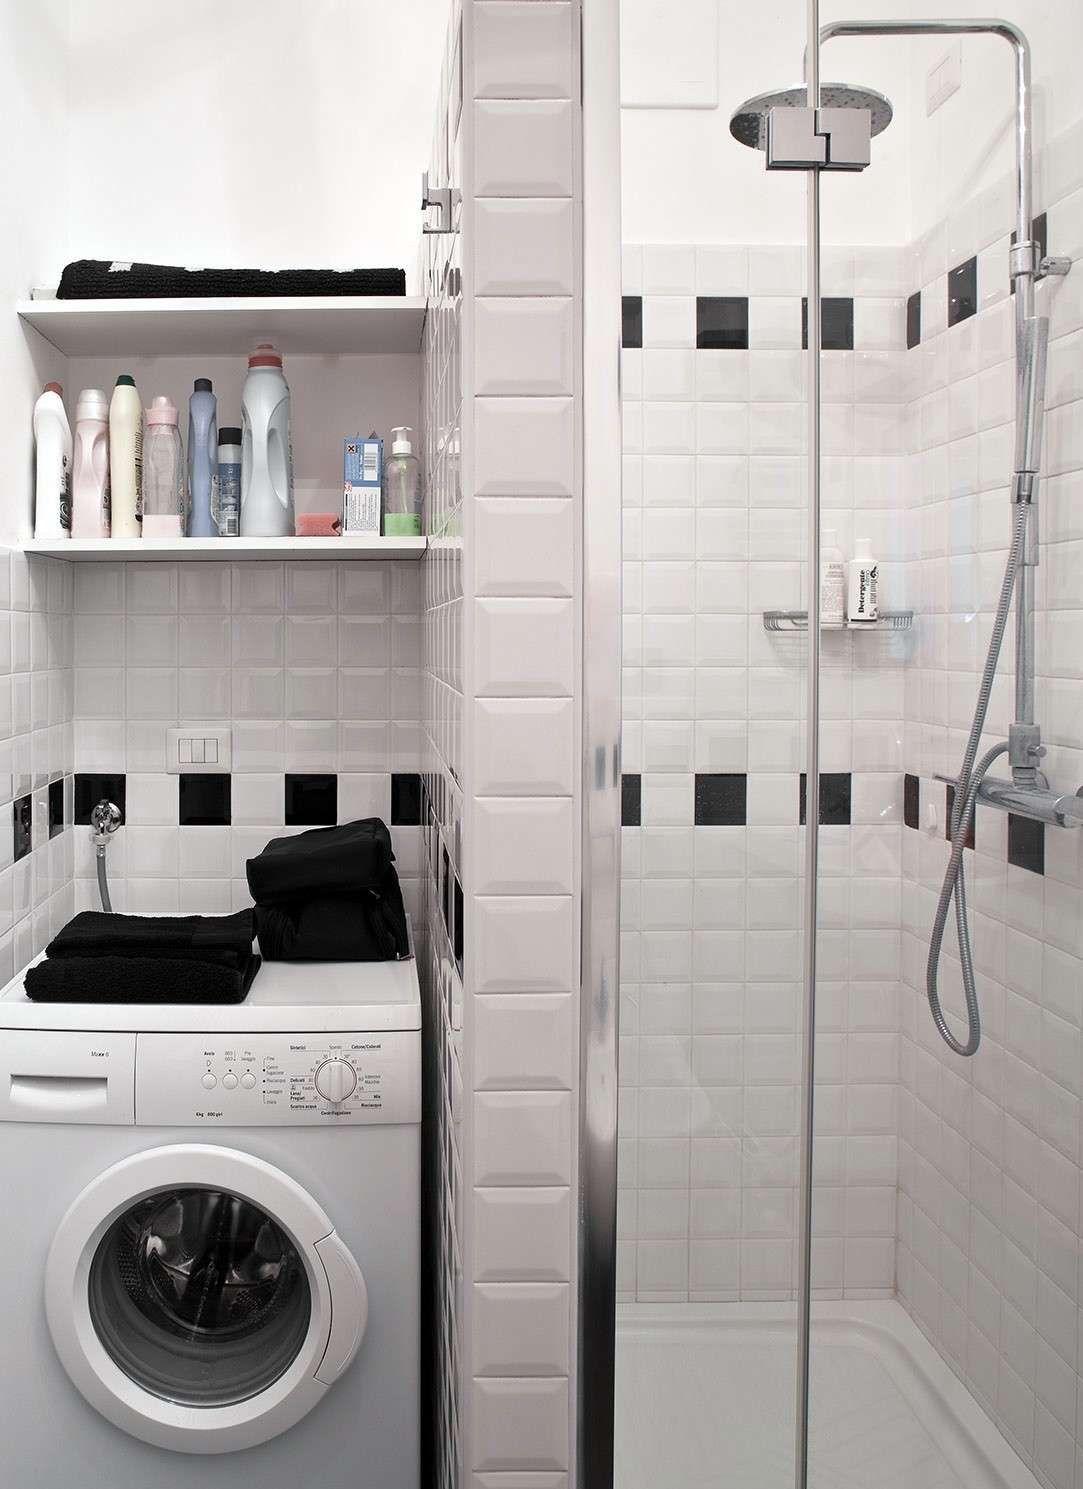 Bagno piccolo con lavatrice - Piccolo bagno con lavatrice | Bath ...